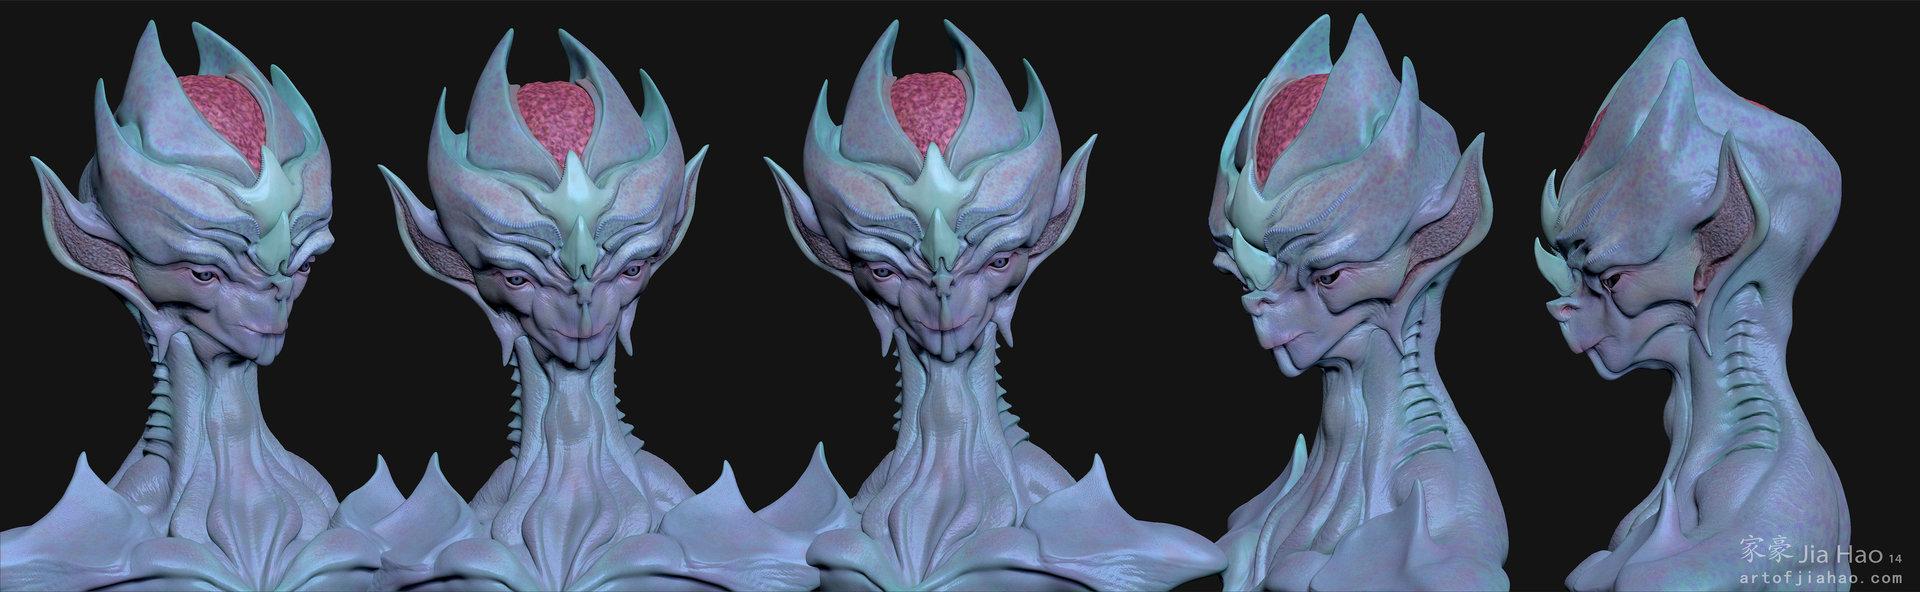 Jia hao 2014 10 alien bust 01 viewpaint